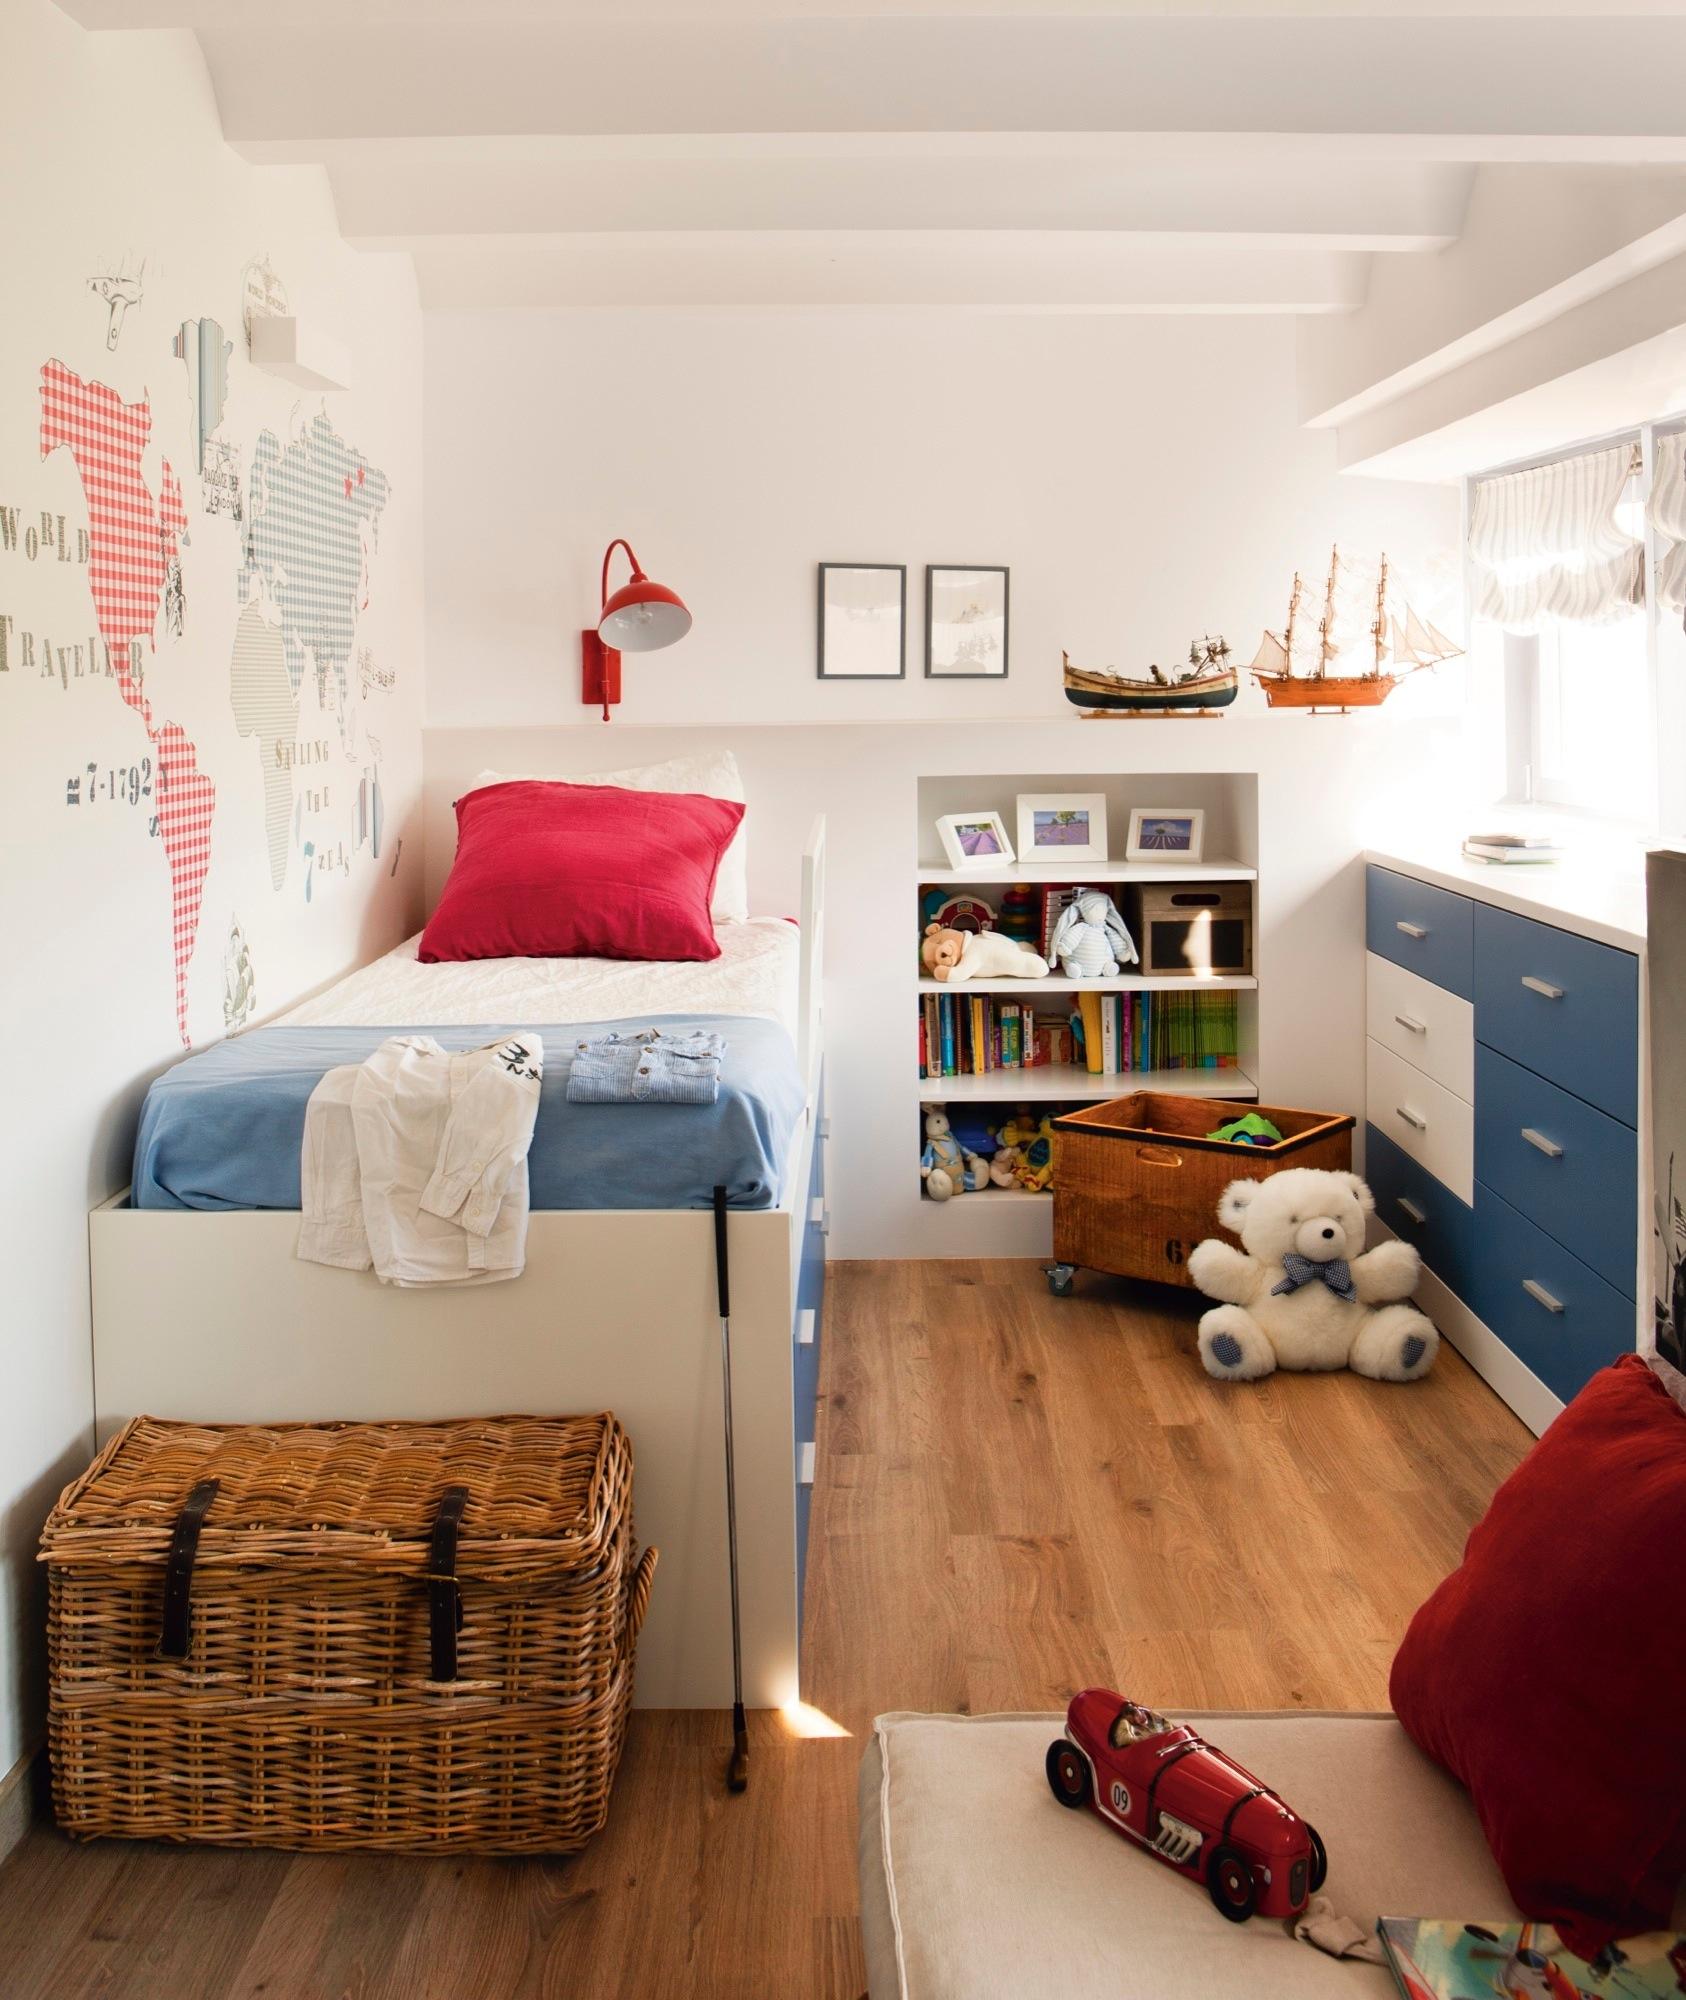 Dos pisos contiguos crearon un d plex de vacaciones en la - Papel pintado para dormitorio juvenil ...